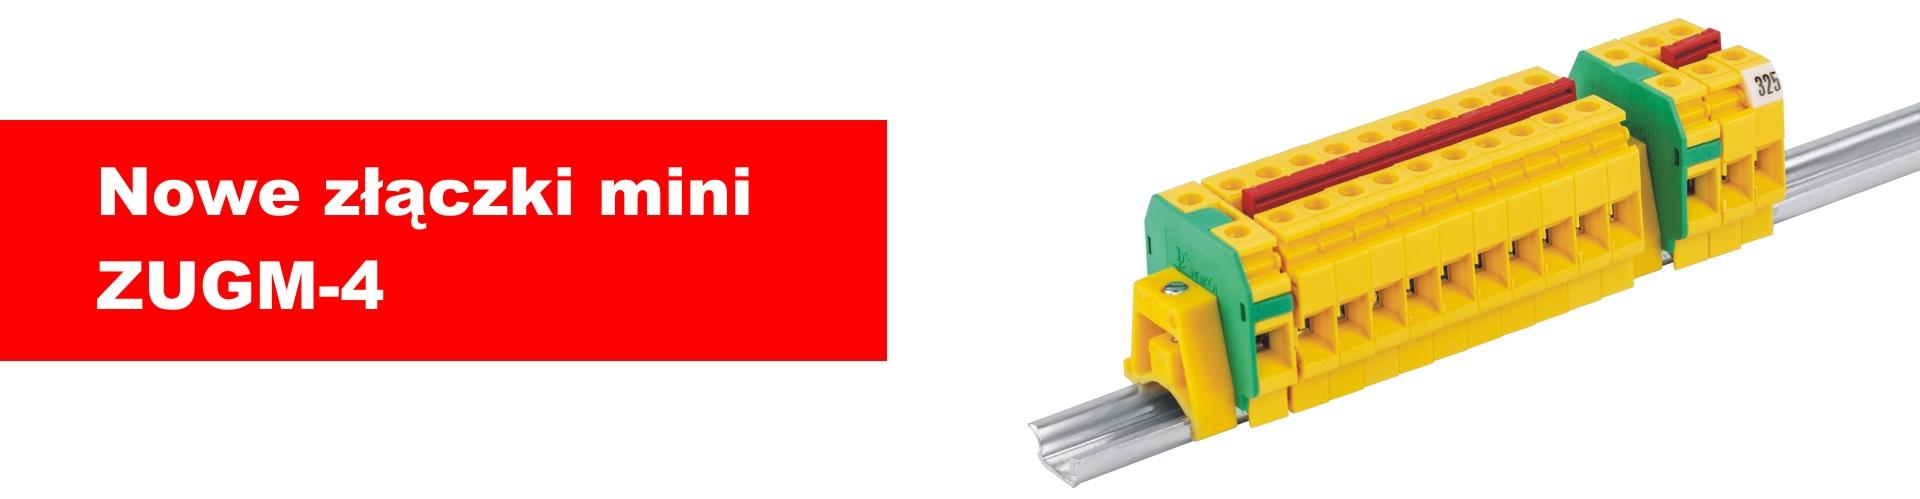 Nowe złączki mini ZUGM